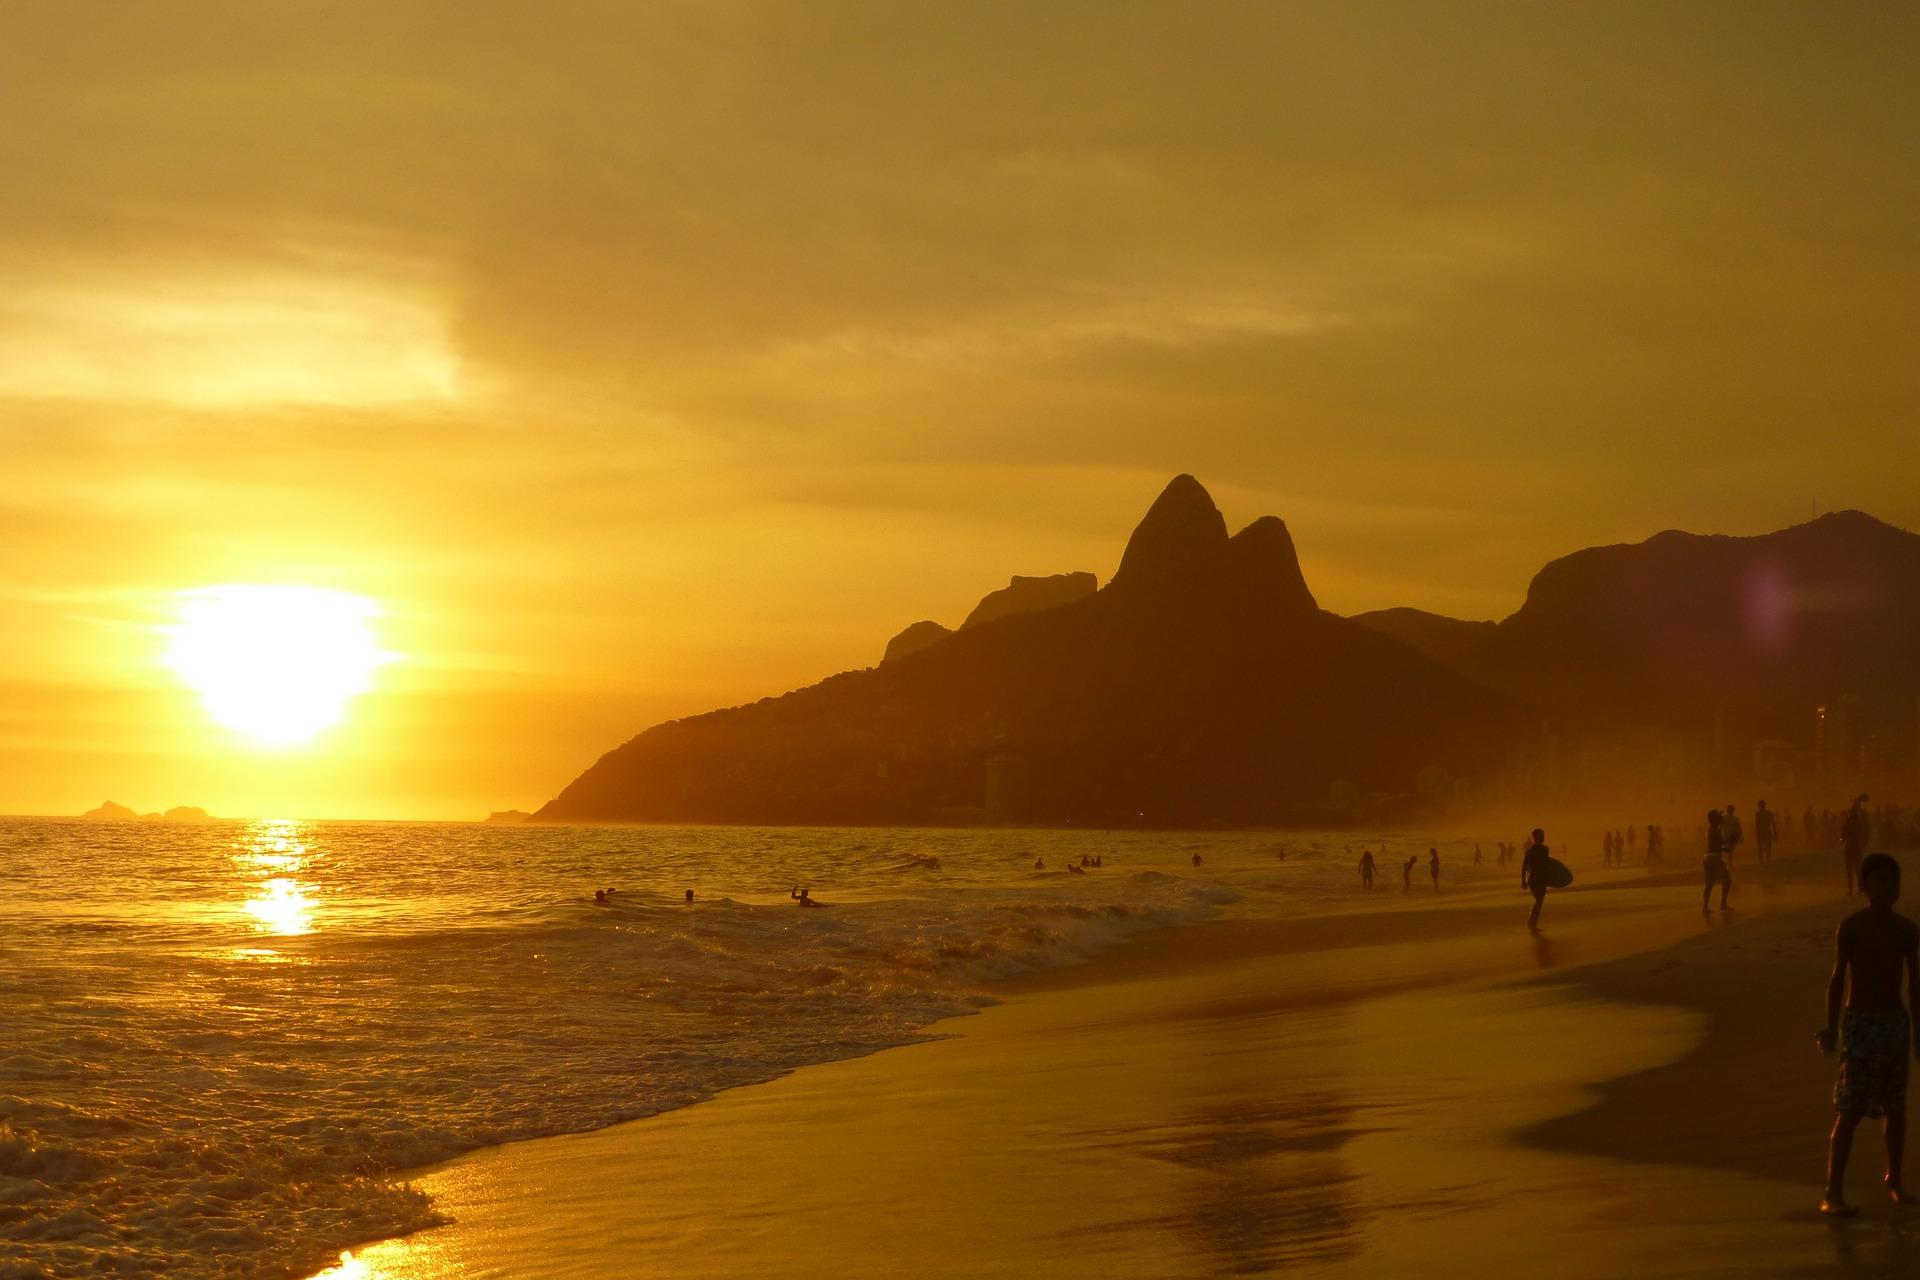 Saiba mais sobre o crescimento da energia solar no Brasil!